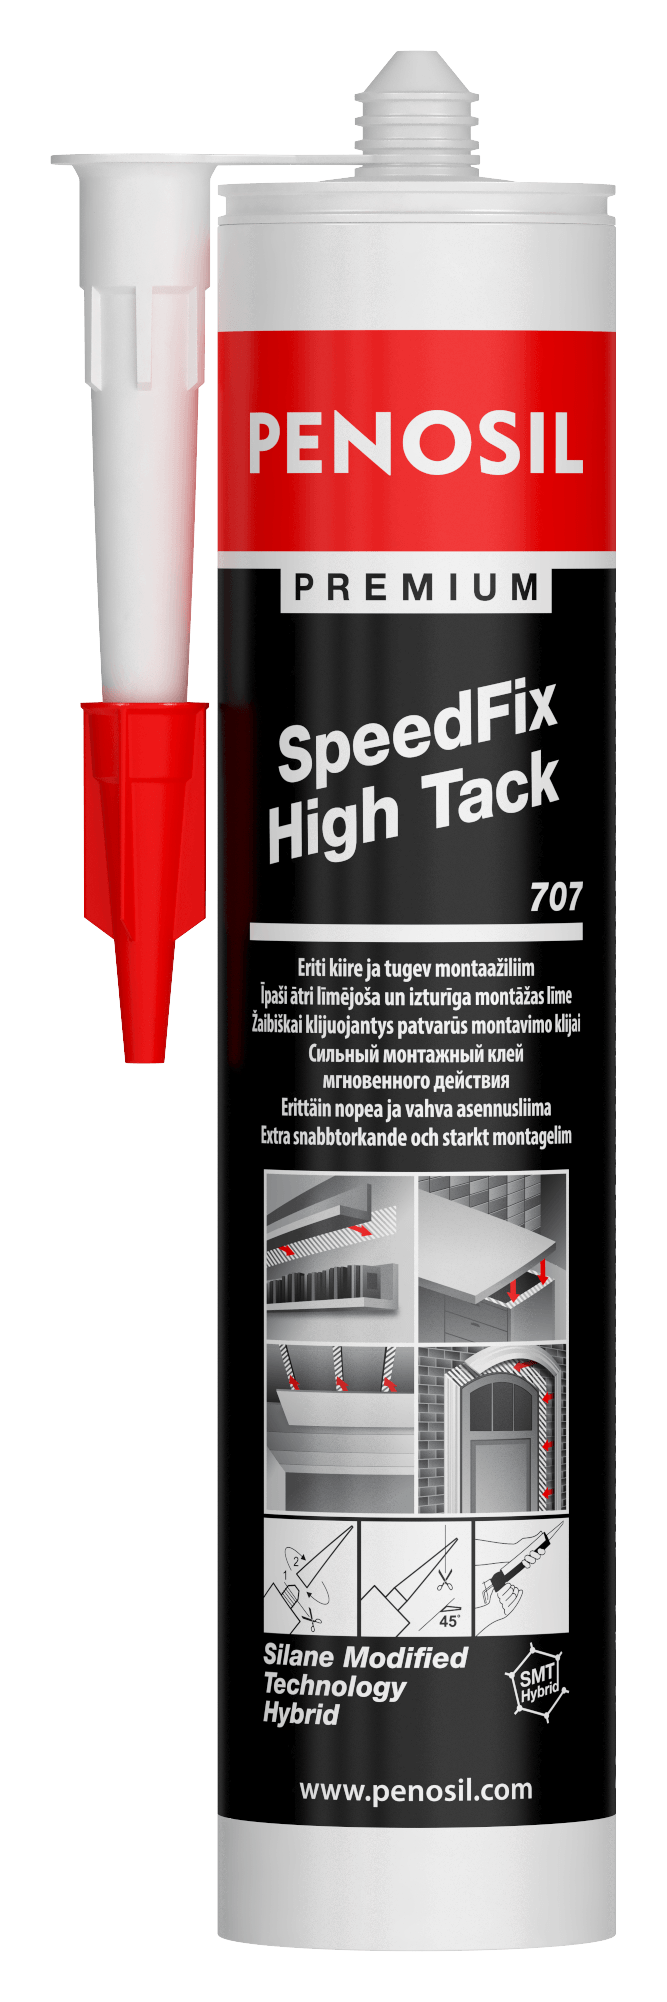 PENOSIL Premium SpeedFix High Tack 707